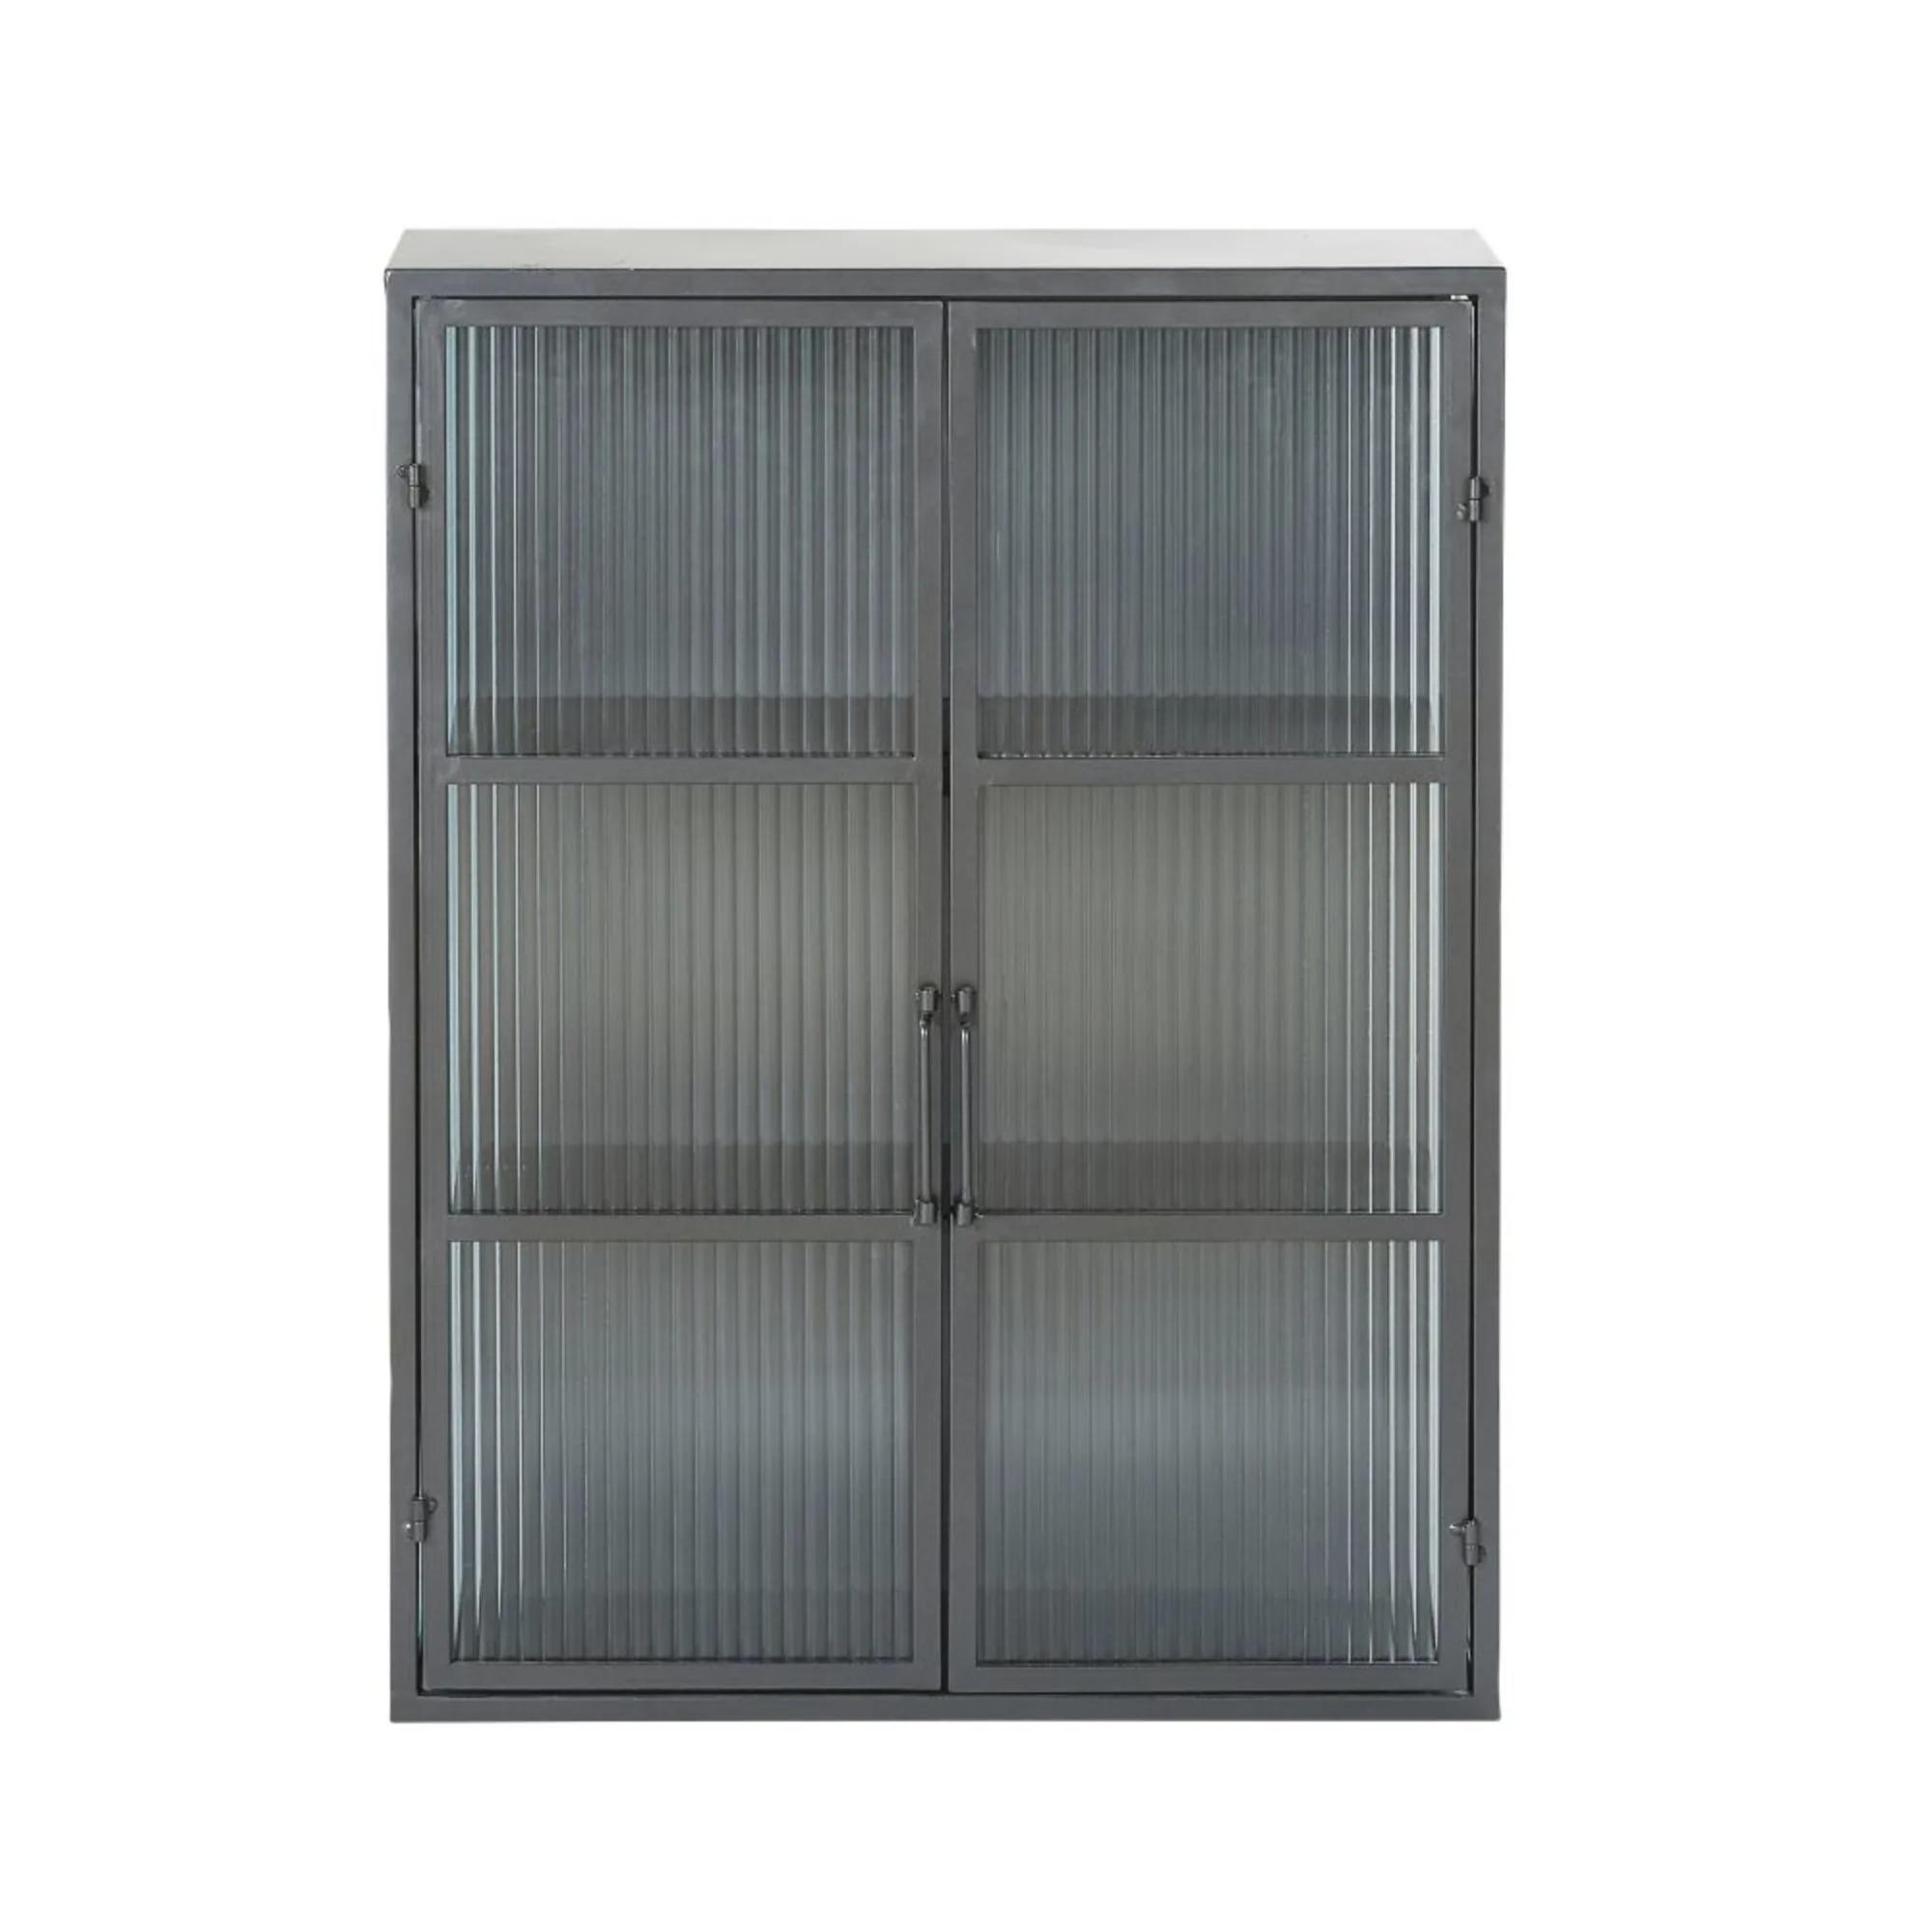 CARTER .- Estantería de metal negro con 2 puertas de vidrio armado